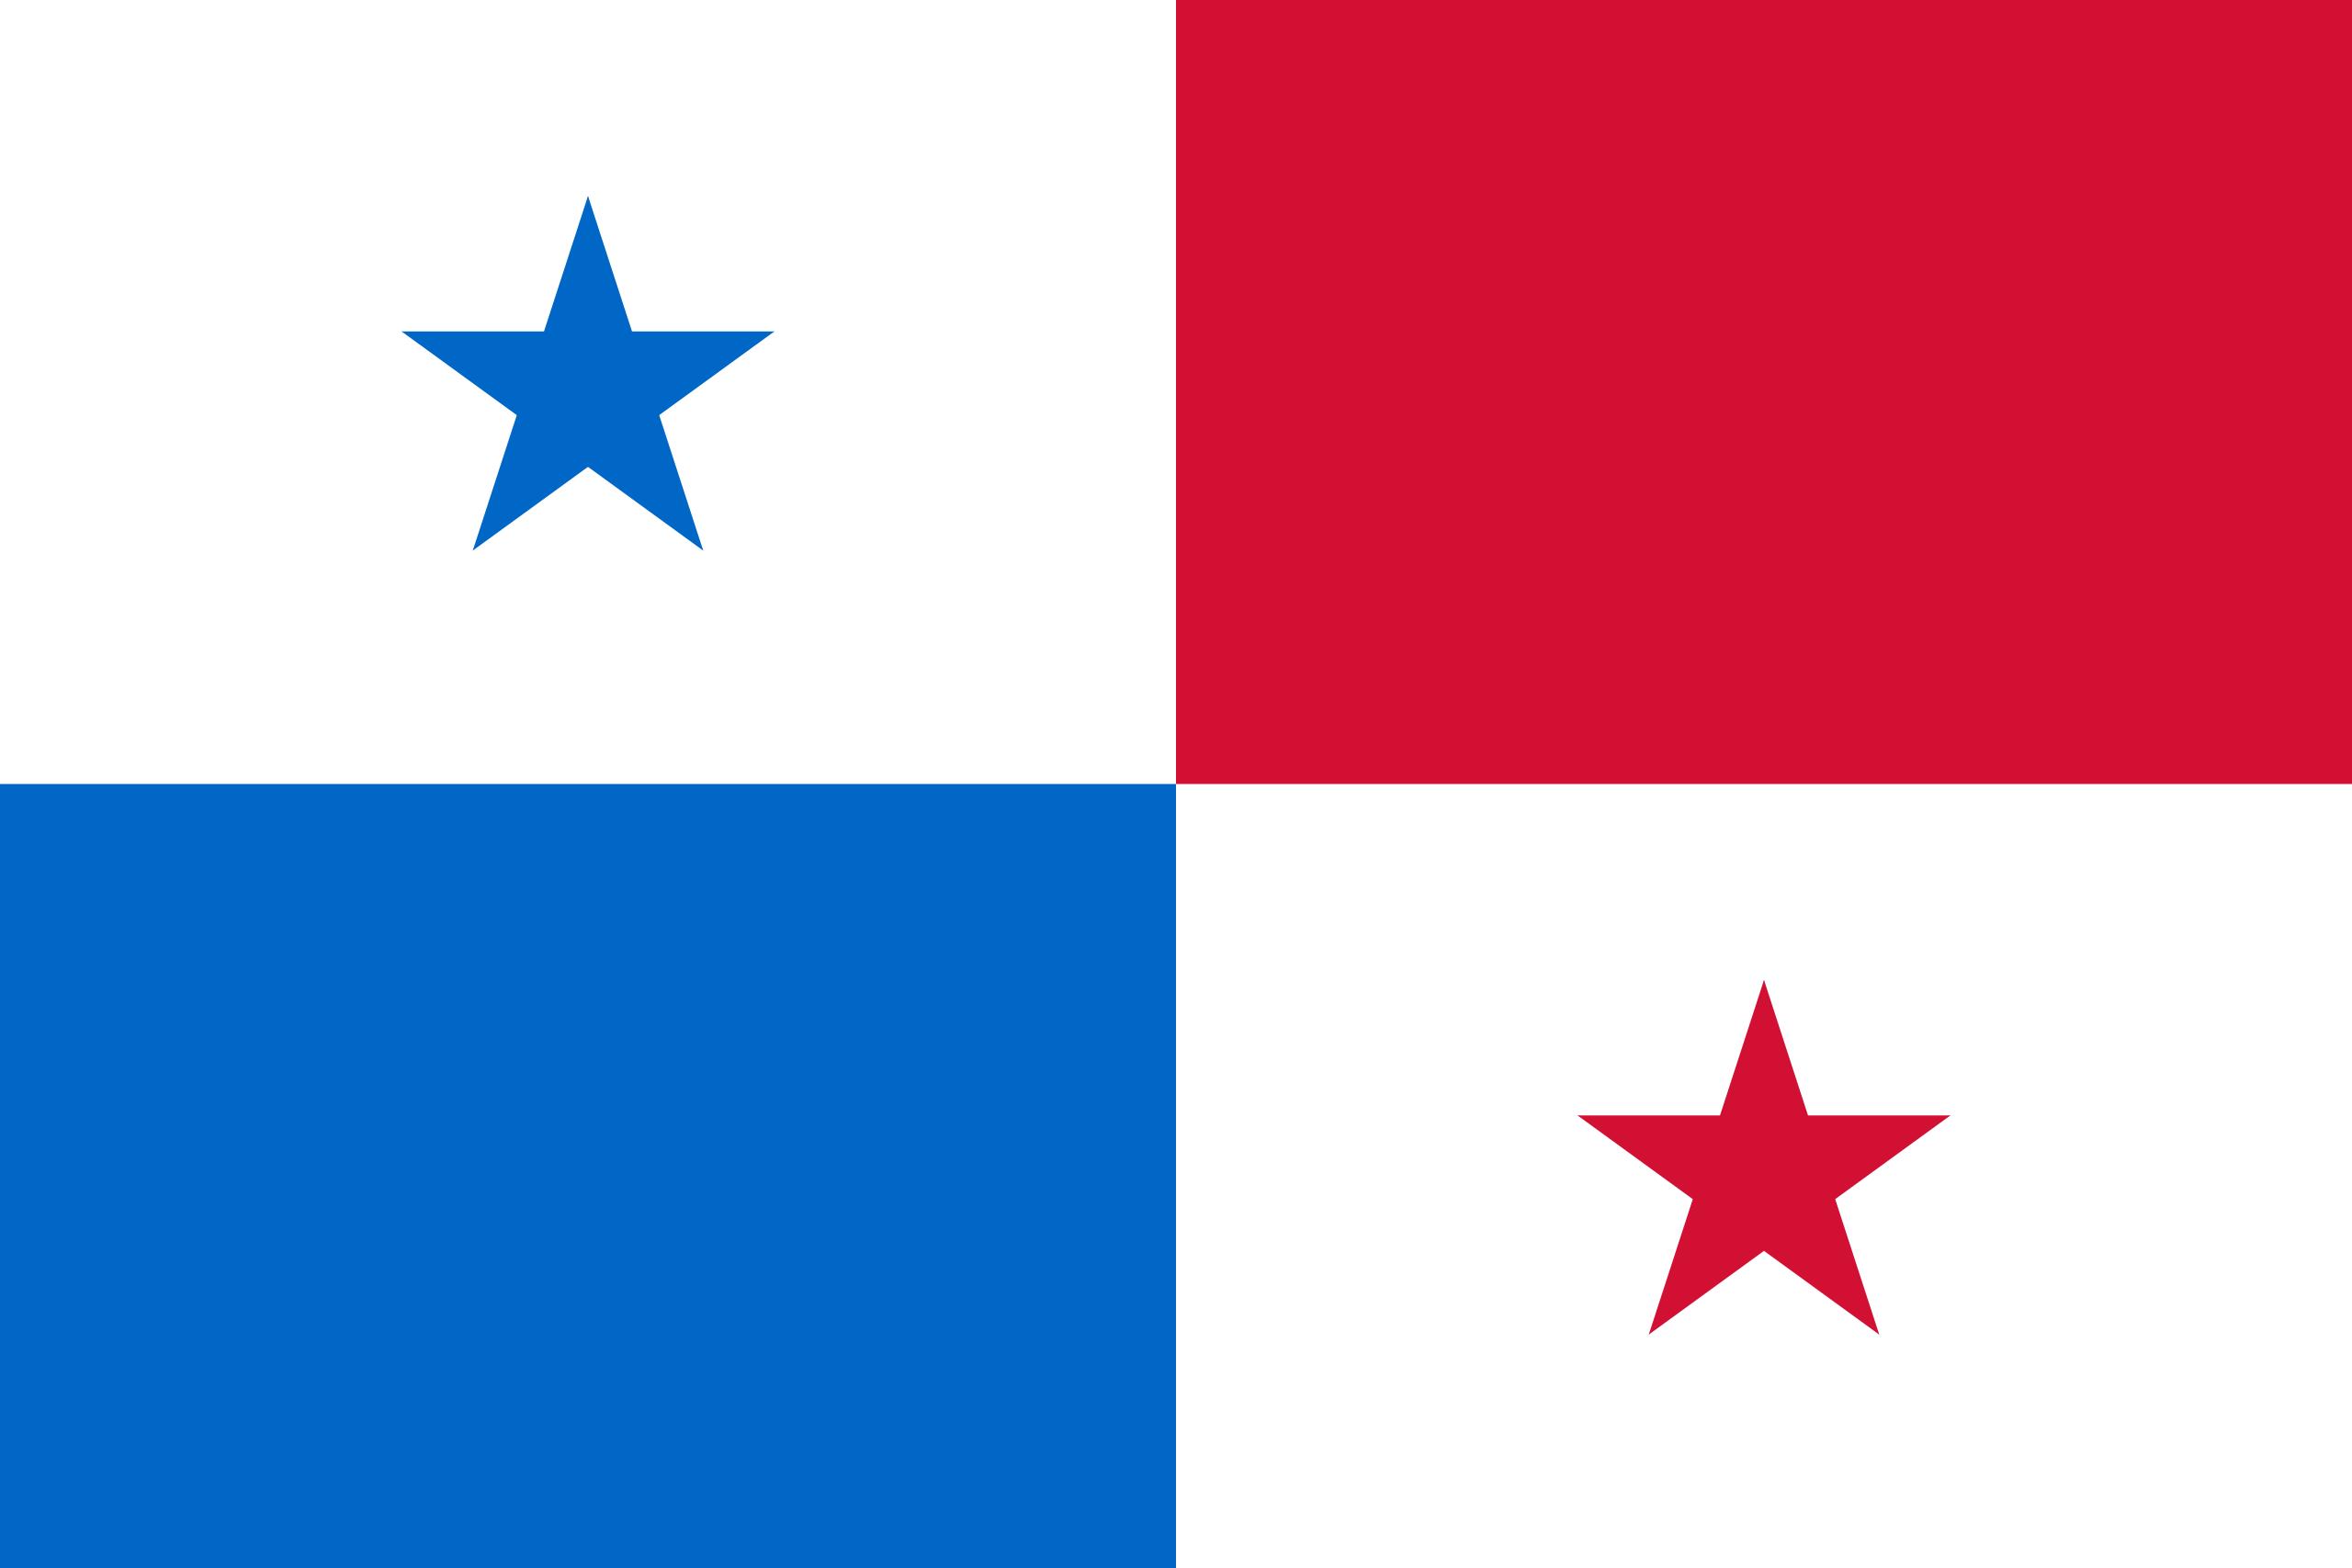 panamá, χώρα, έμβλημα, λογότυπο, σύμβολο - Wallpapers HD - Professor-falken.com